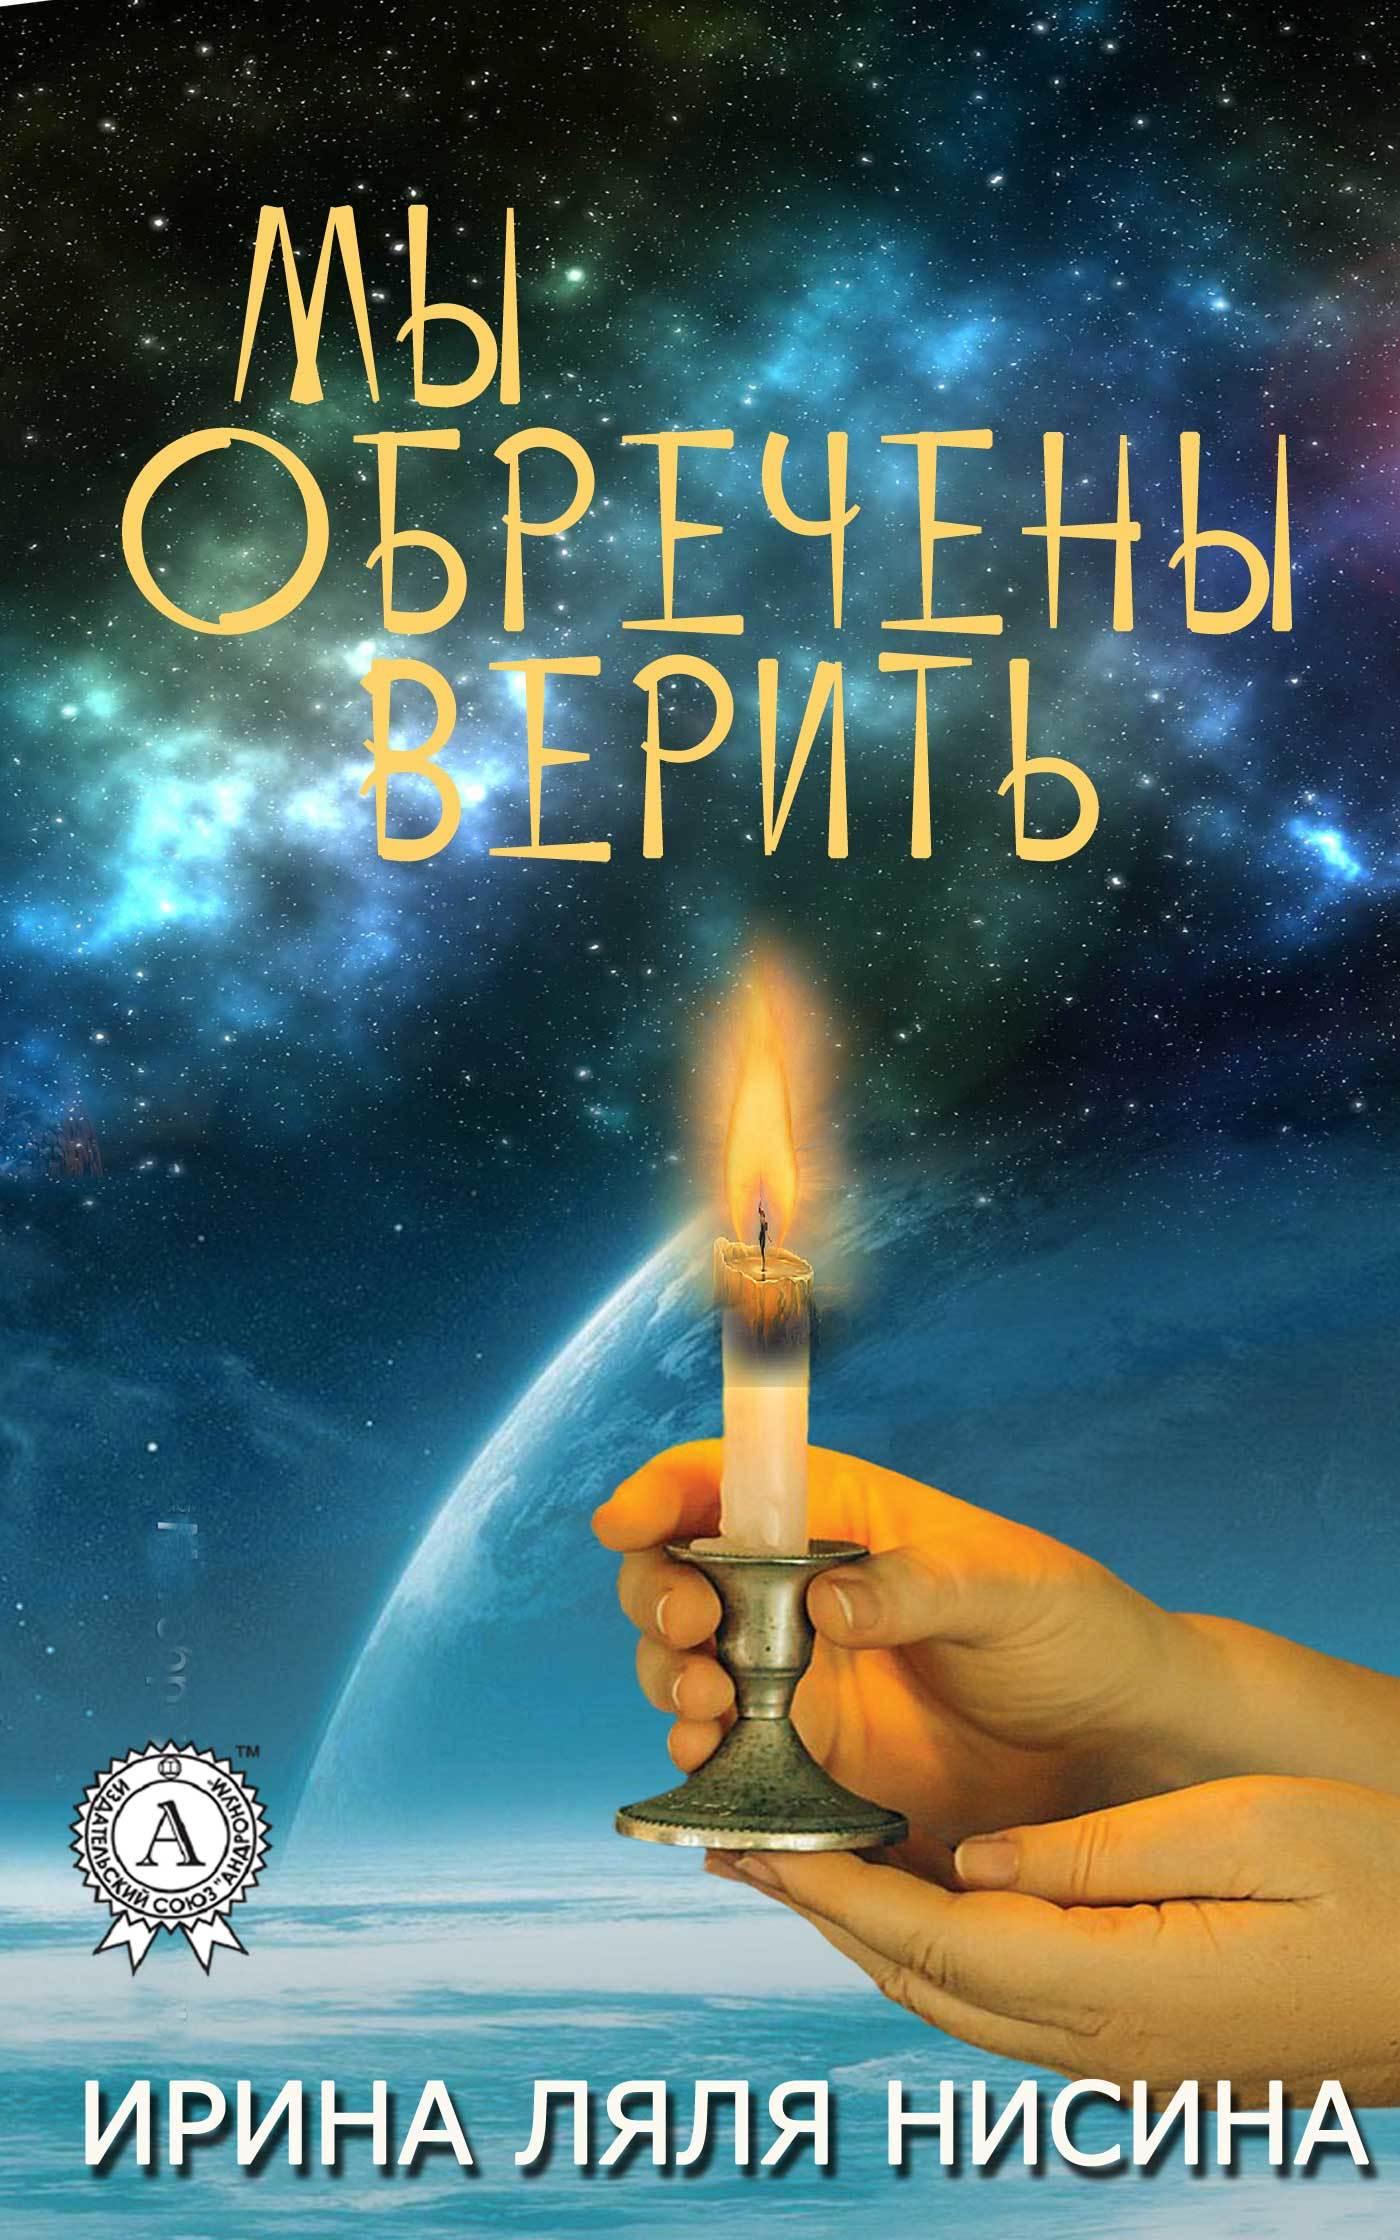 Ирина Ляля Нисина Мы обречены верить виктор ерофеев верим ли мы в чертей и в ад